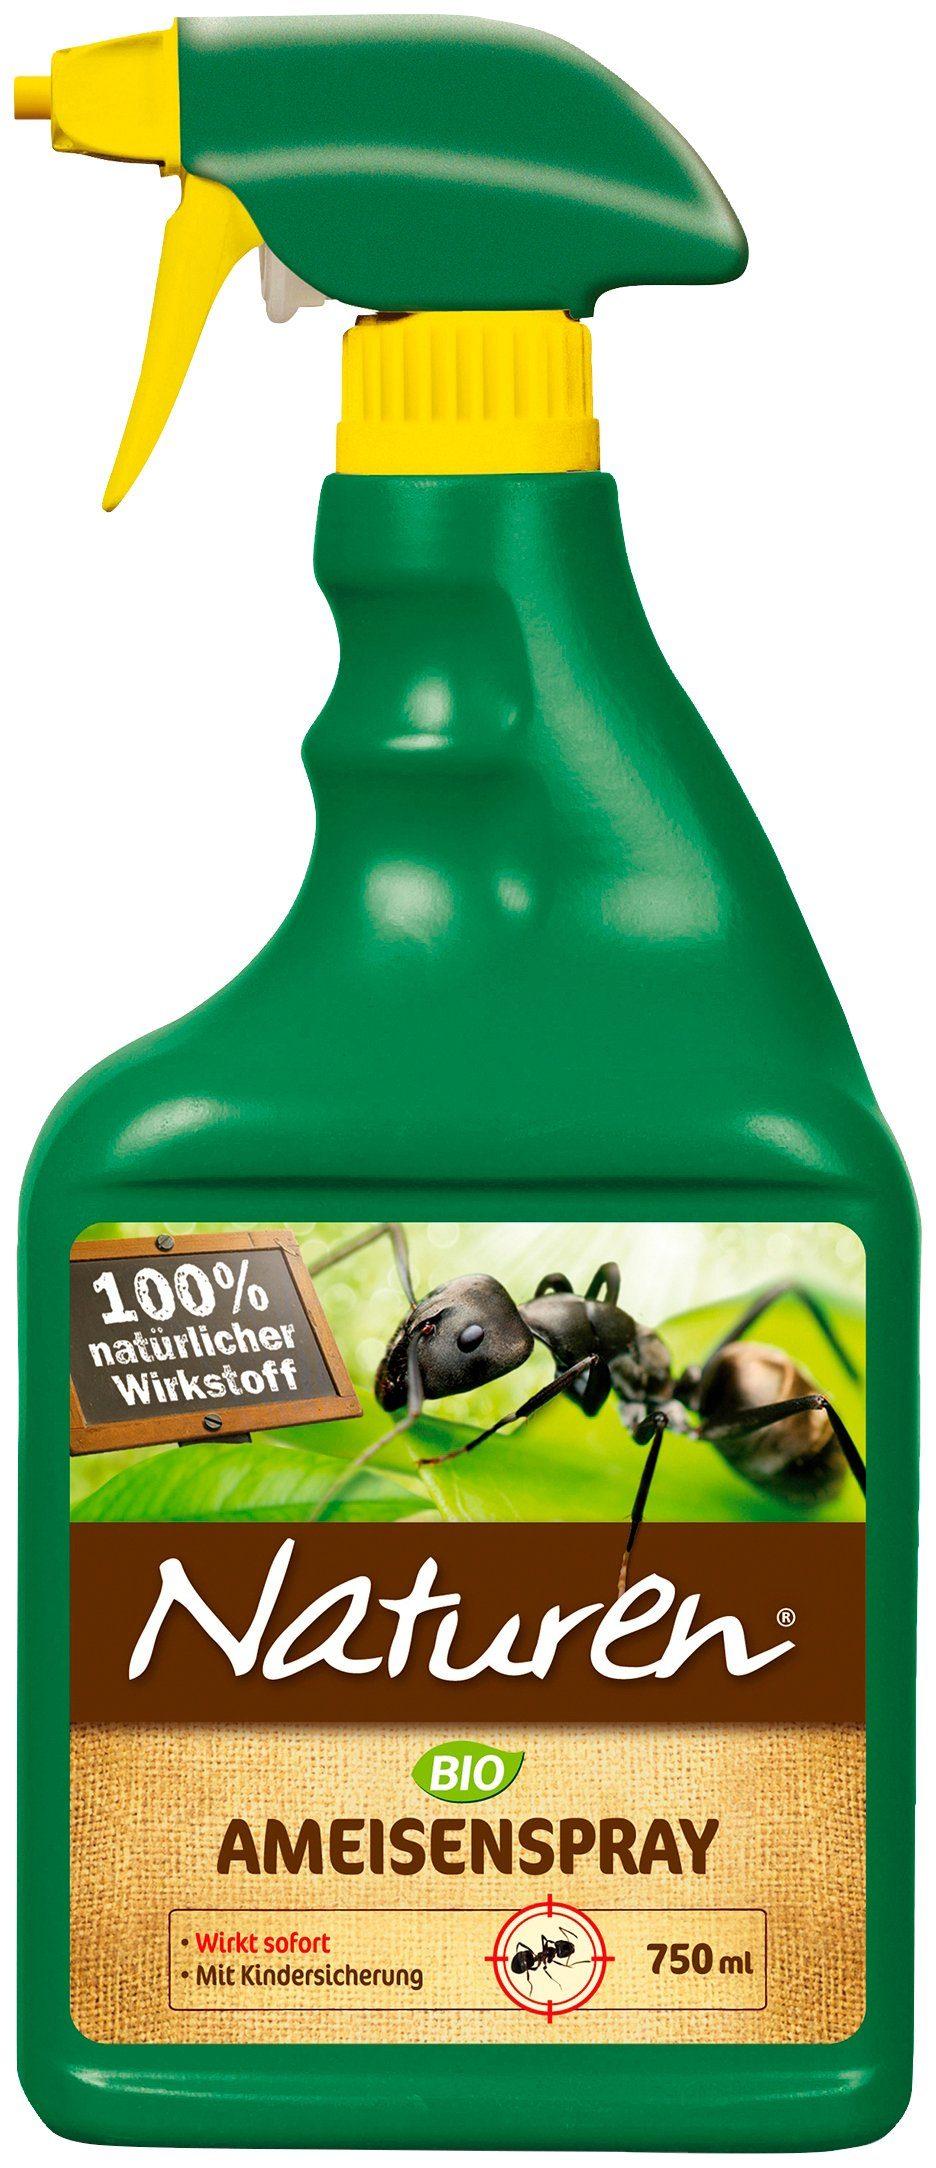 NATUREN Ameisenspray »Bio Ameisenspray«